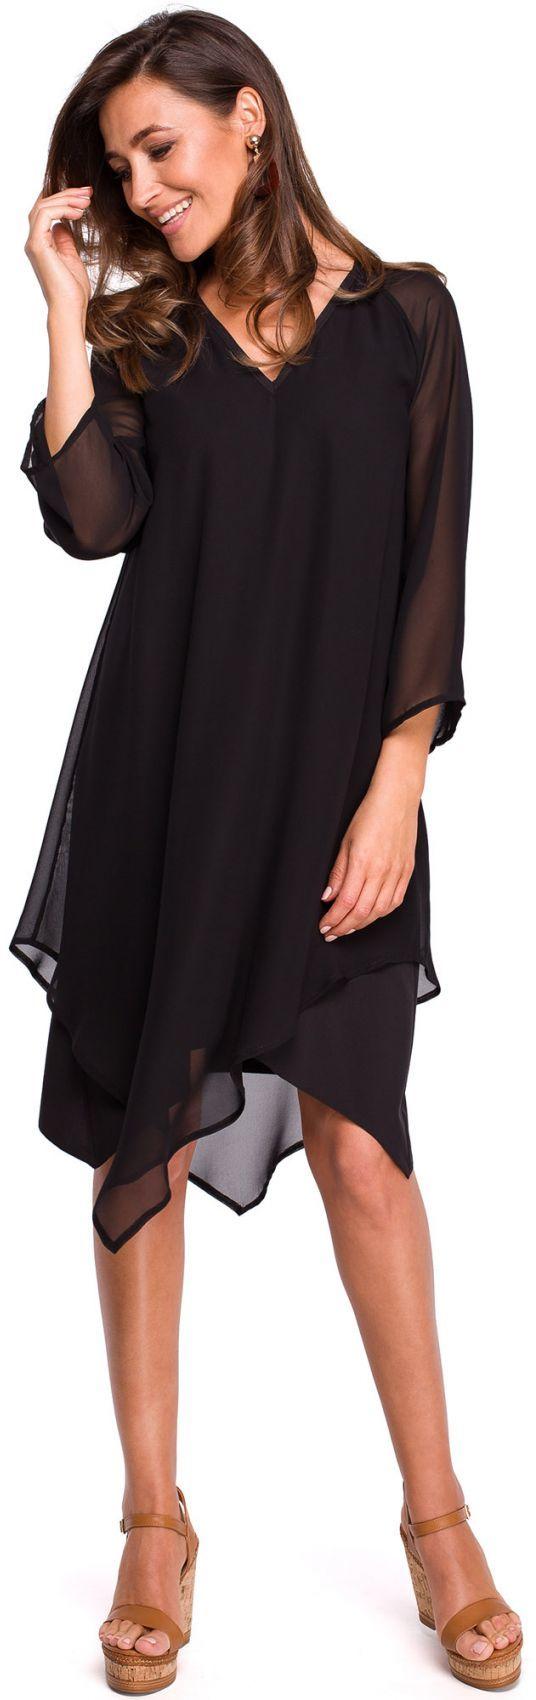 S159 Sukienka szyfonowa z asymetrycznym dołem - czarna